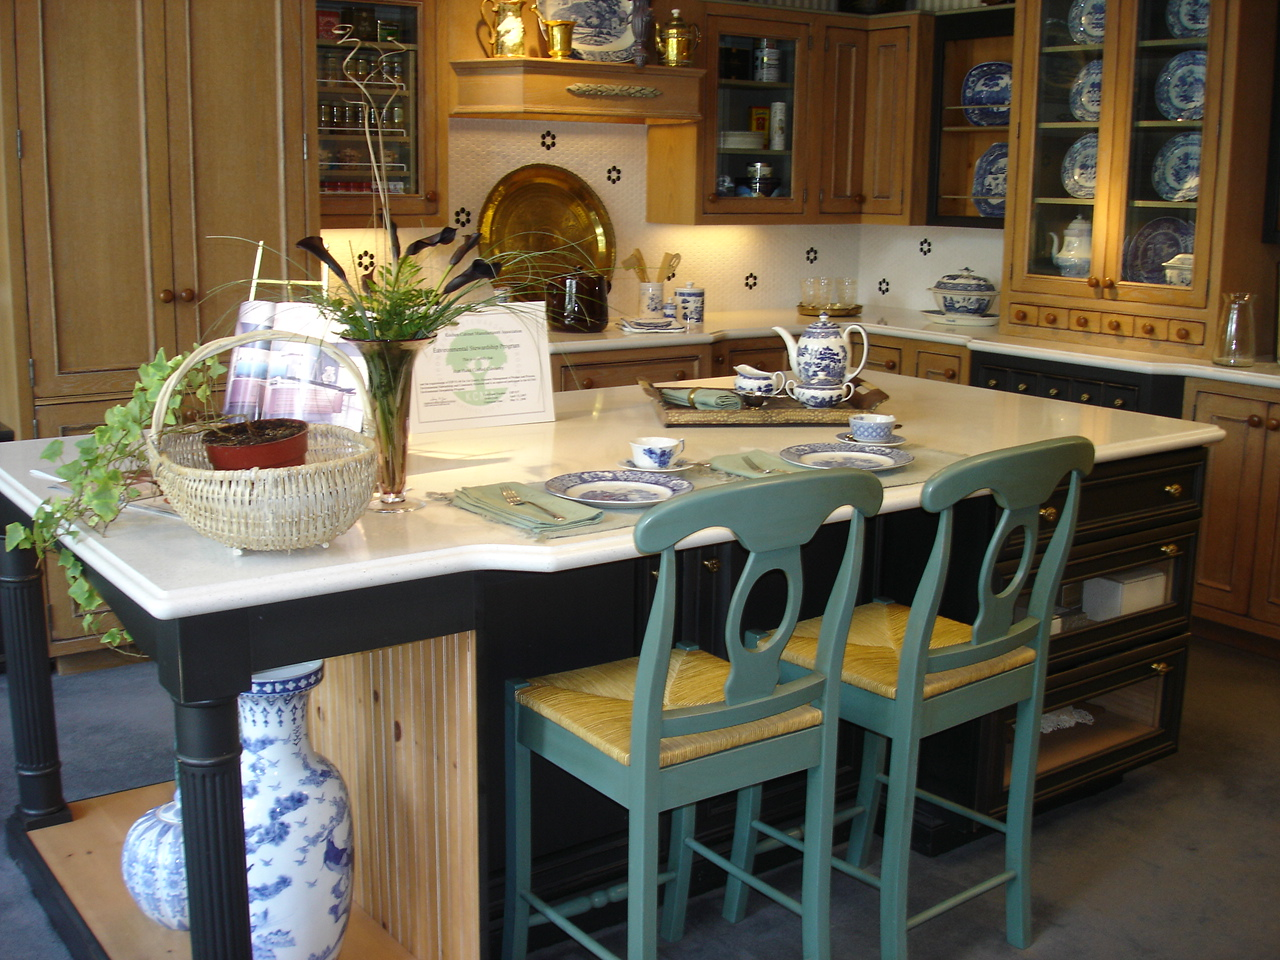 a bountiful kitchen bountiful kitchens design my kitchen free design my kitchen online